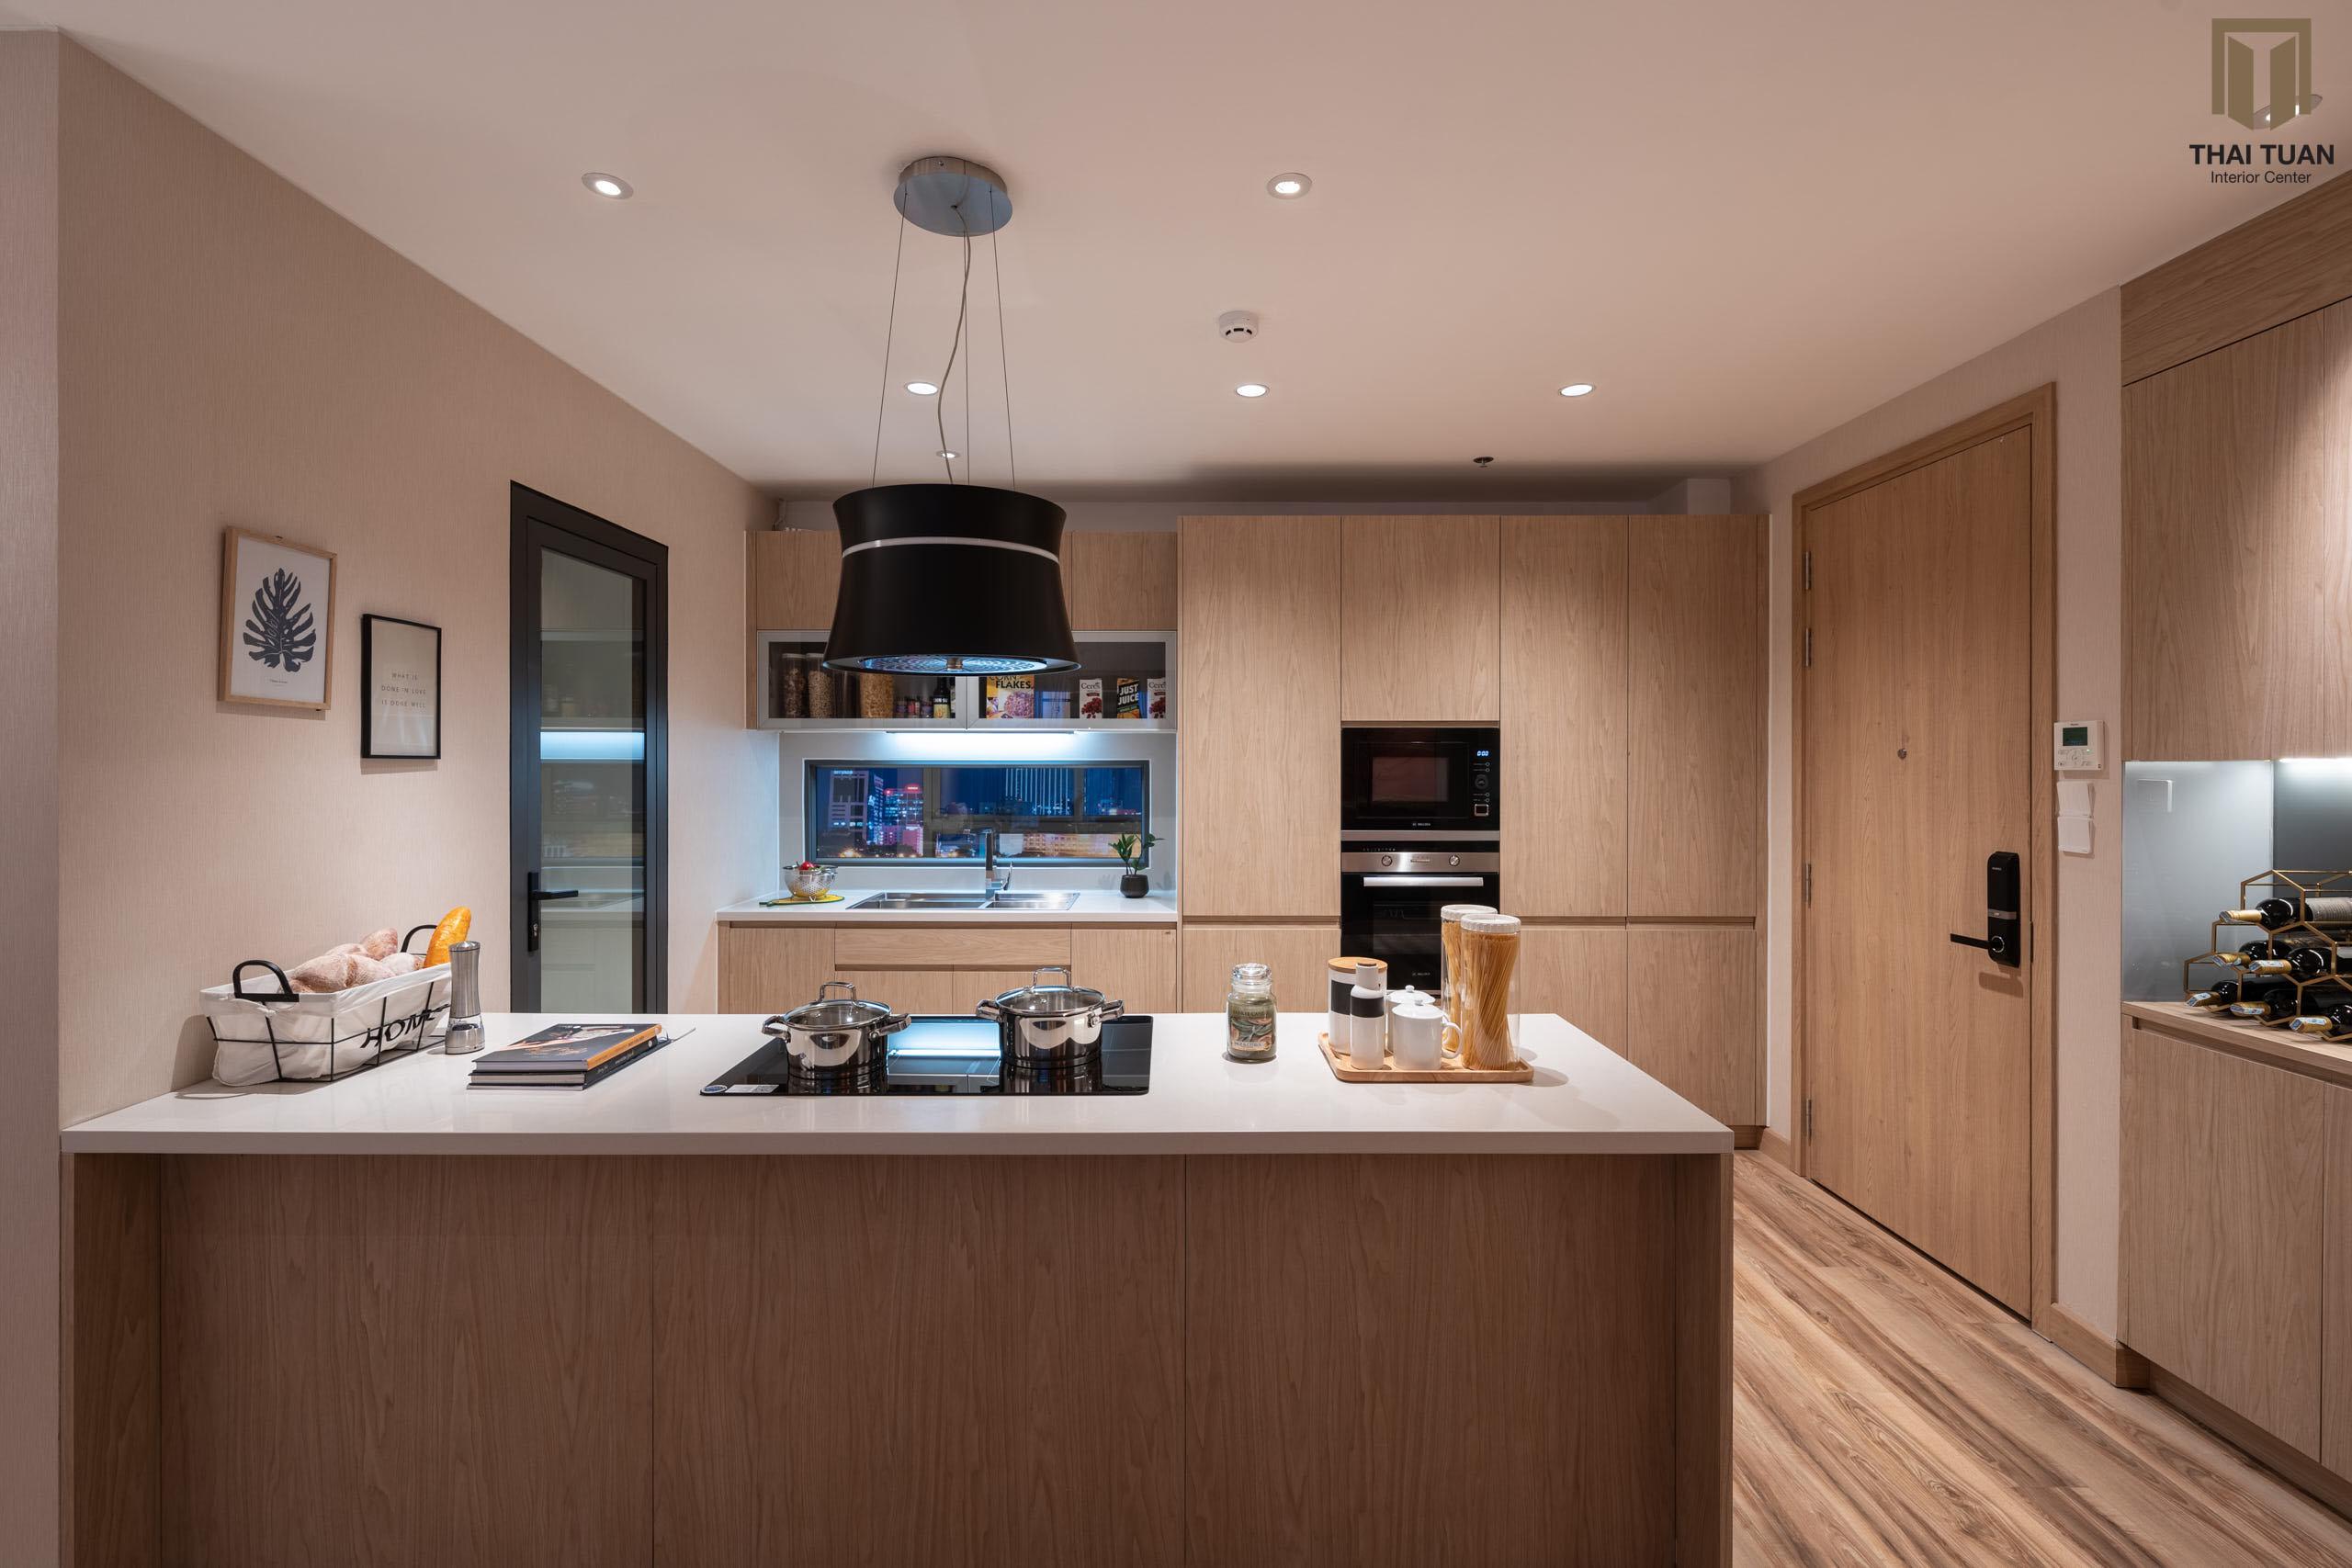 Không gian bếp ăn đồng bộ với giải pháp gỗ đồng màu